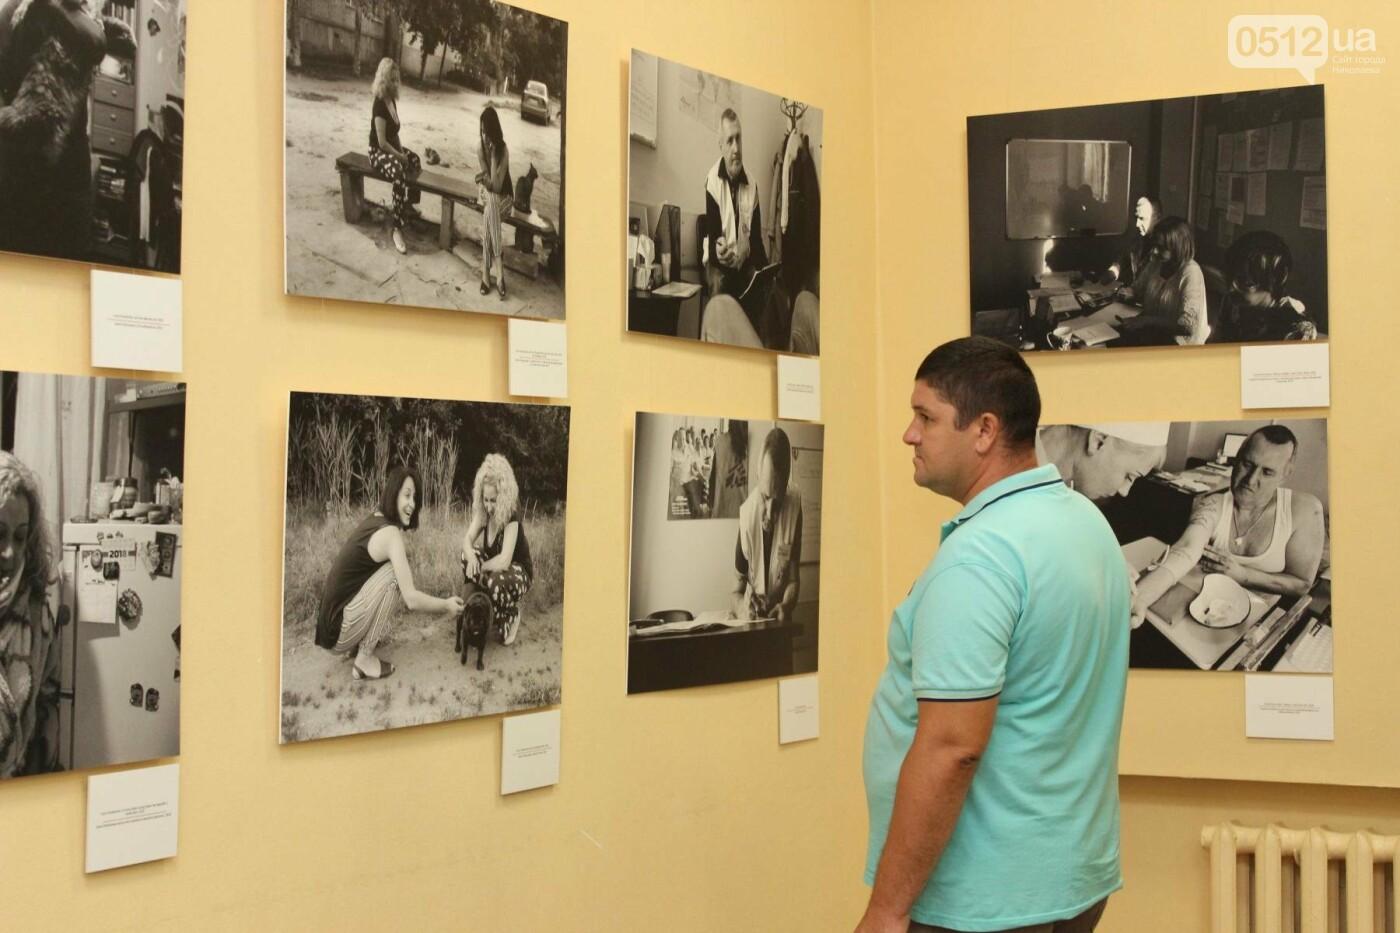 В Николаеве прошла фото-выставка людей, которые борются за жизнь, - ФОТО, фото-13